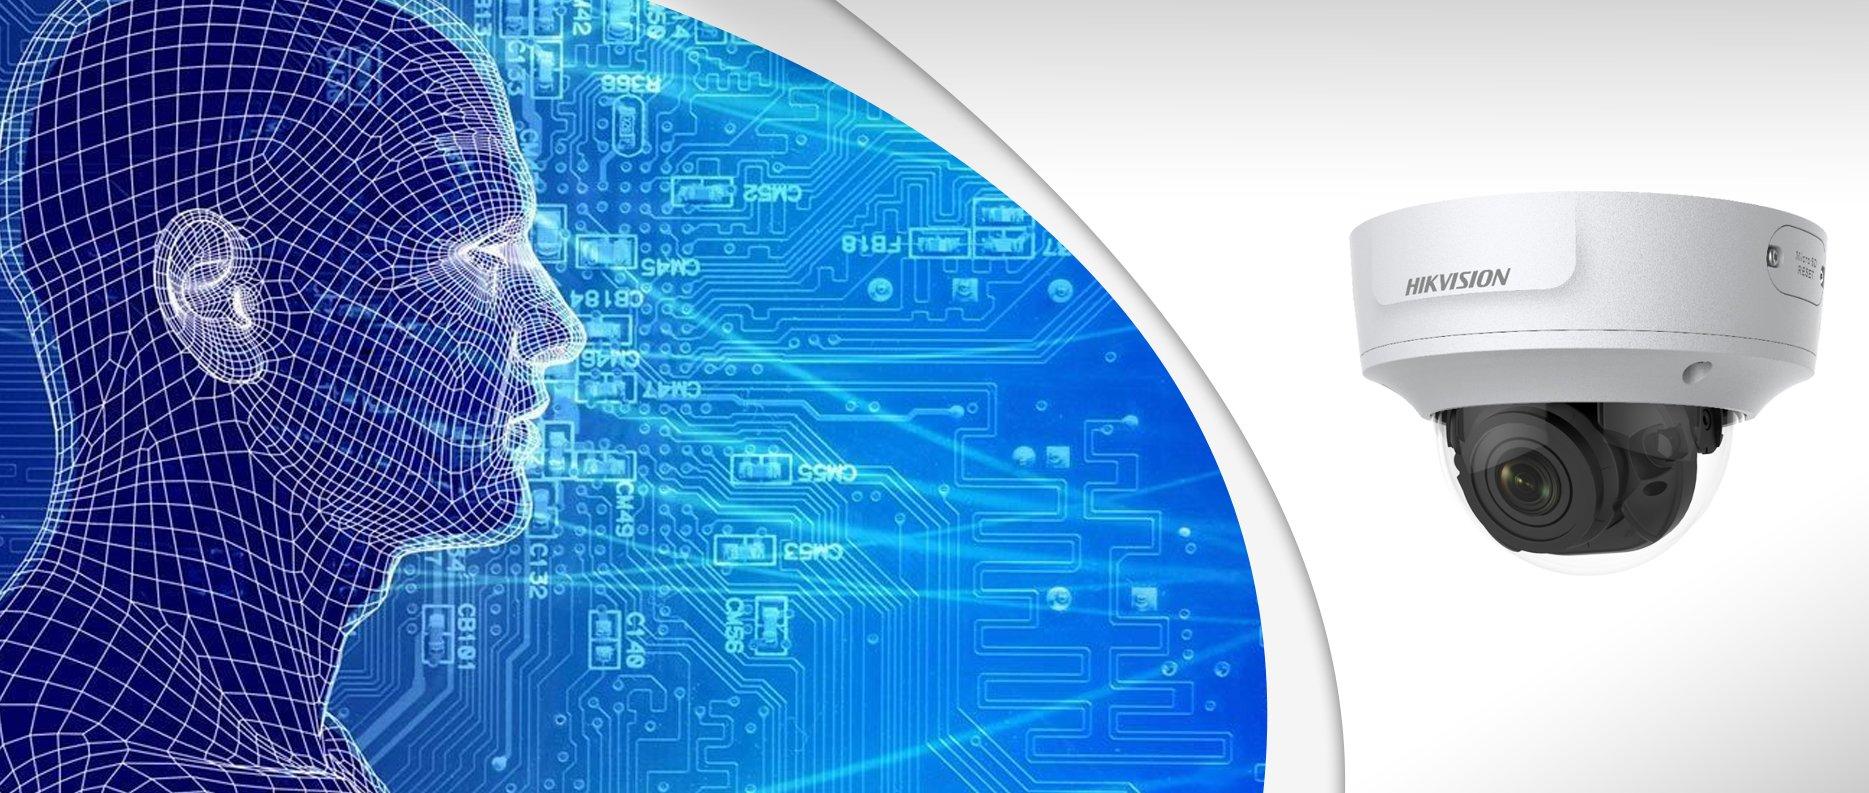 Видеонаблюдение с искусственным интеллектом